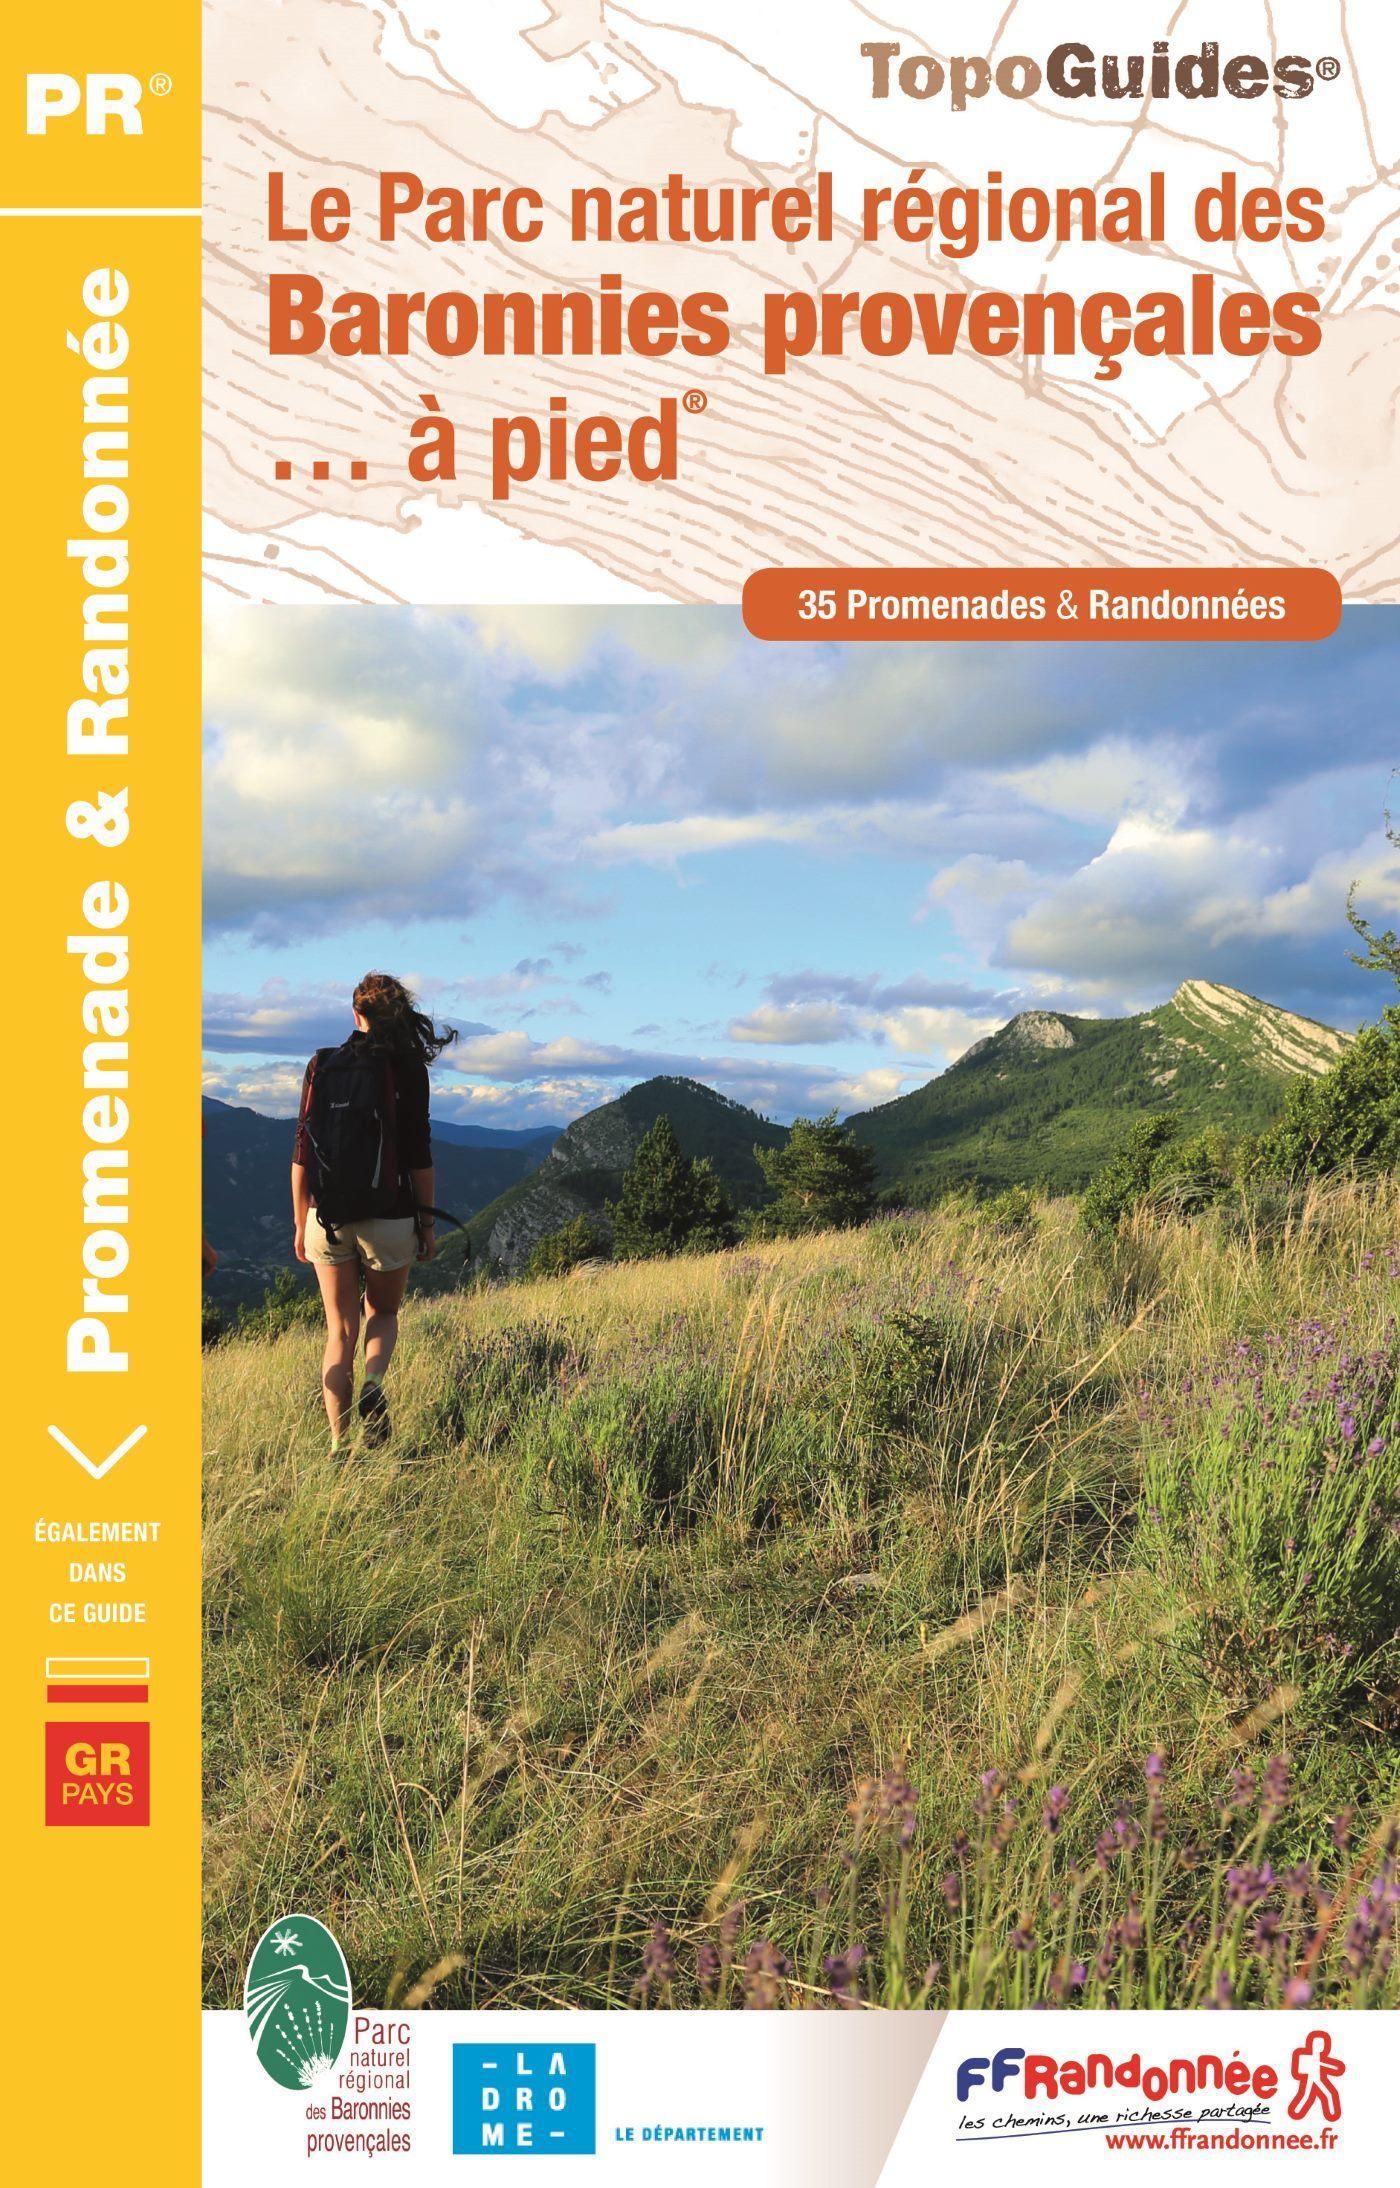 PARC DES BARONNIES PROVENCALES A PIED - 26 - PR - PN19